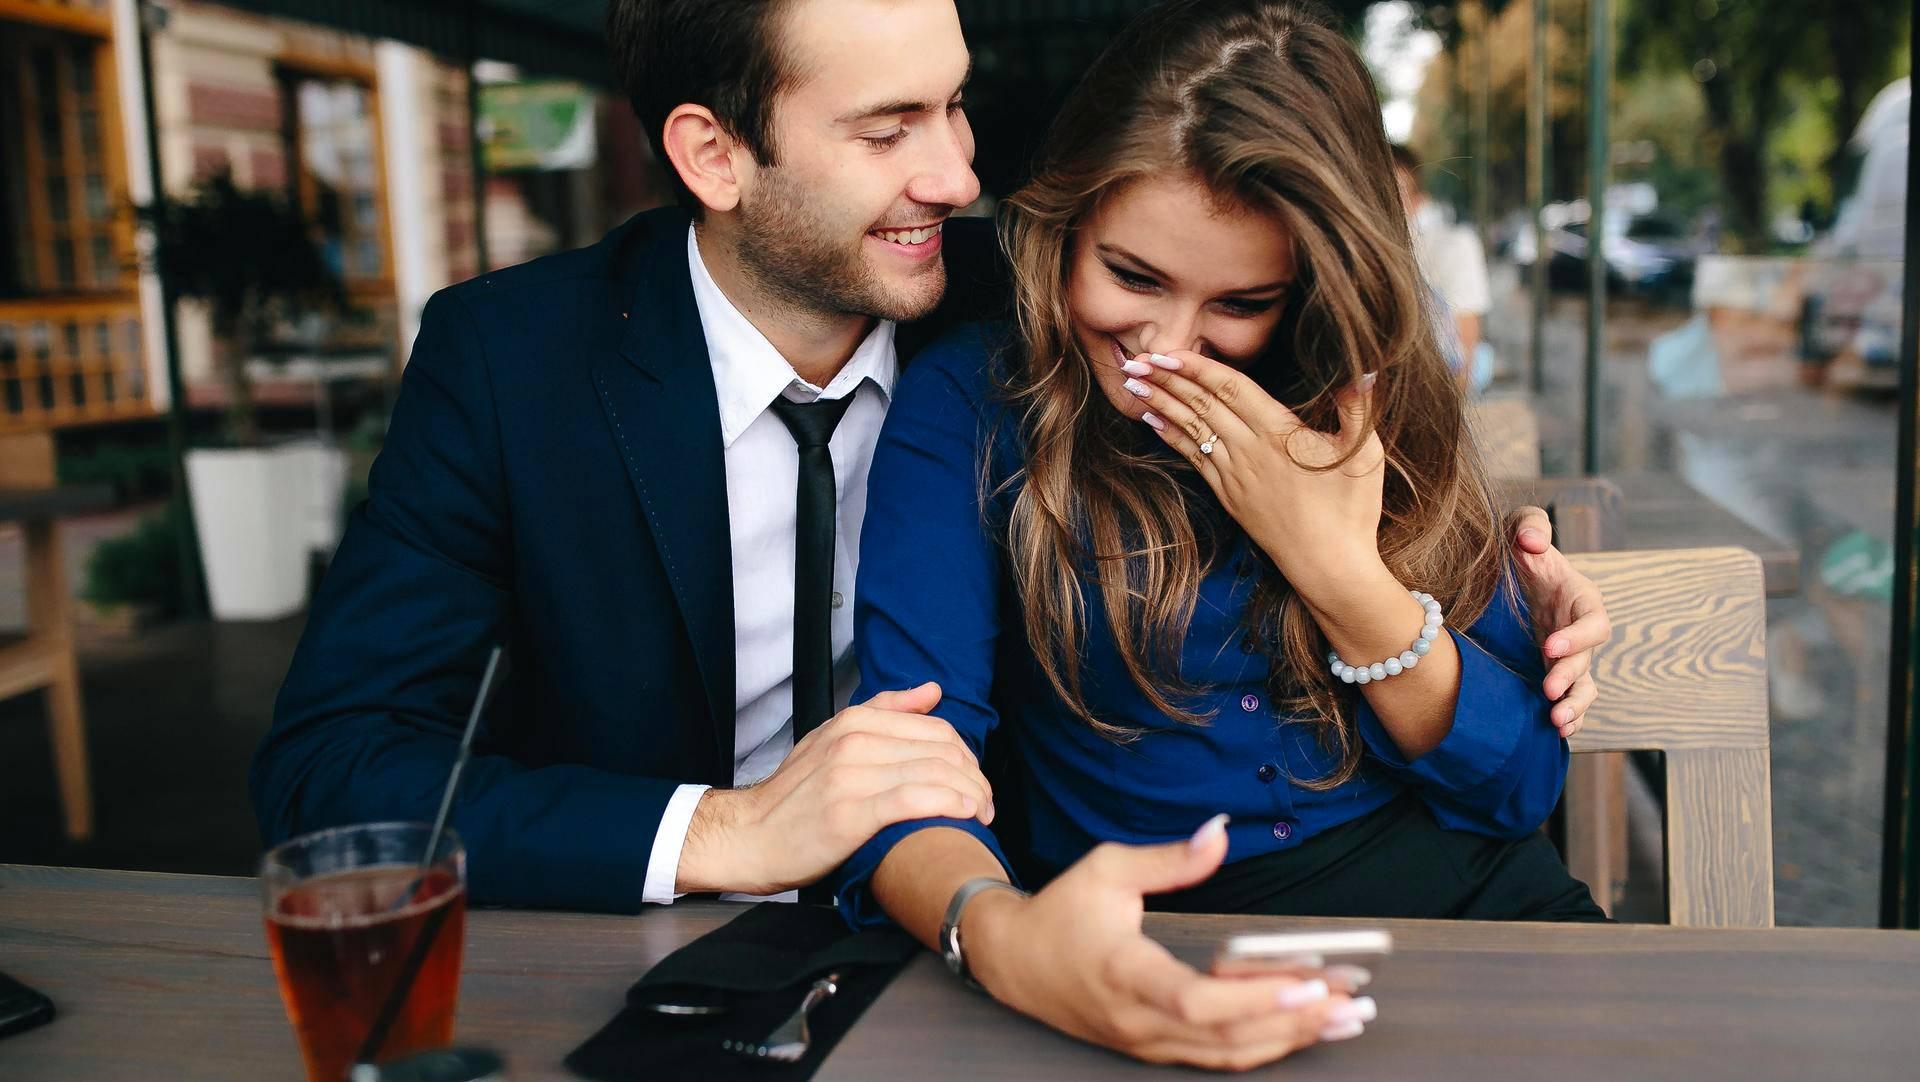 kysymyksiä kysyä kristitty mies, kun dating